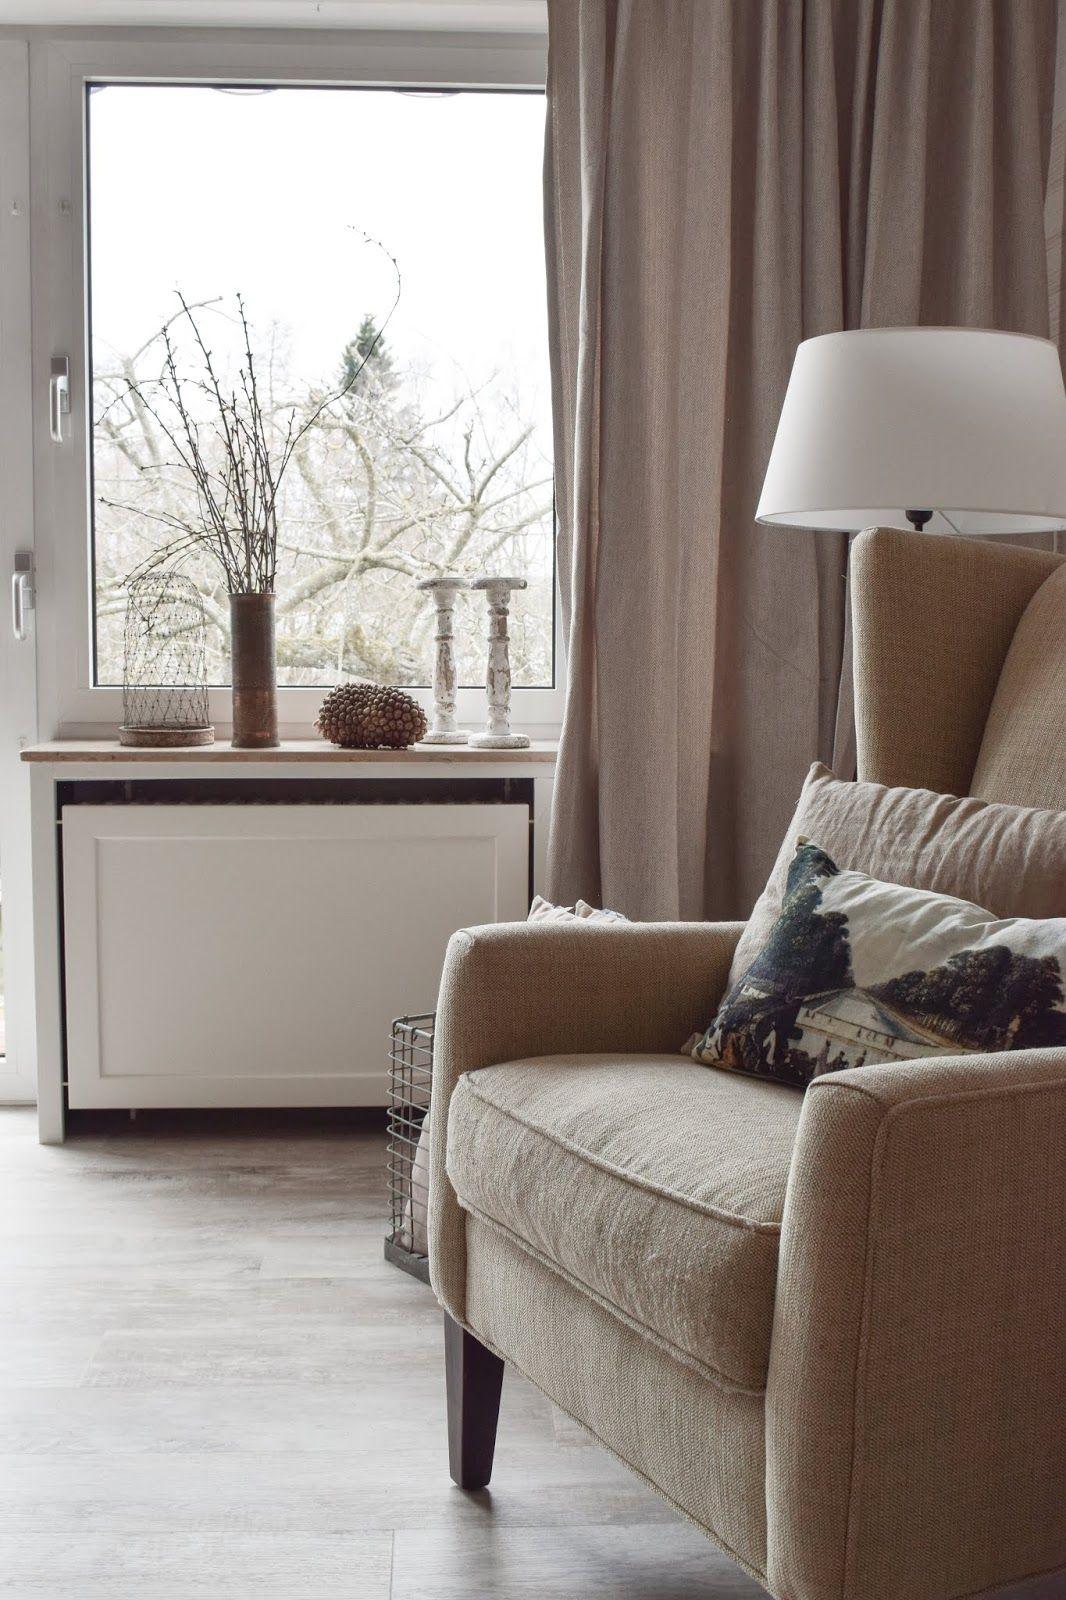 Wohnzimmer Dekoidee Holz Wandwood Verkleidung Heizkörper ...